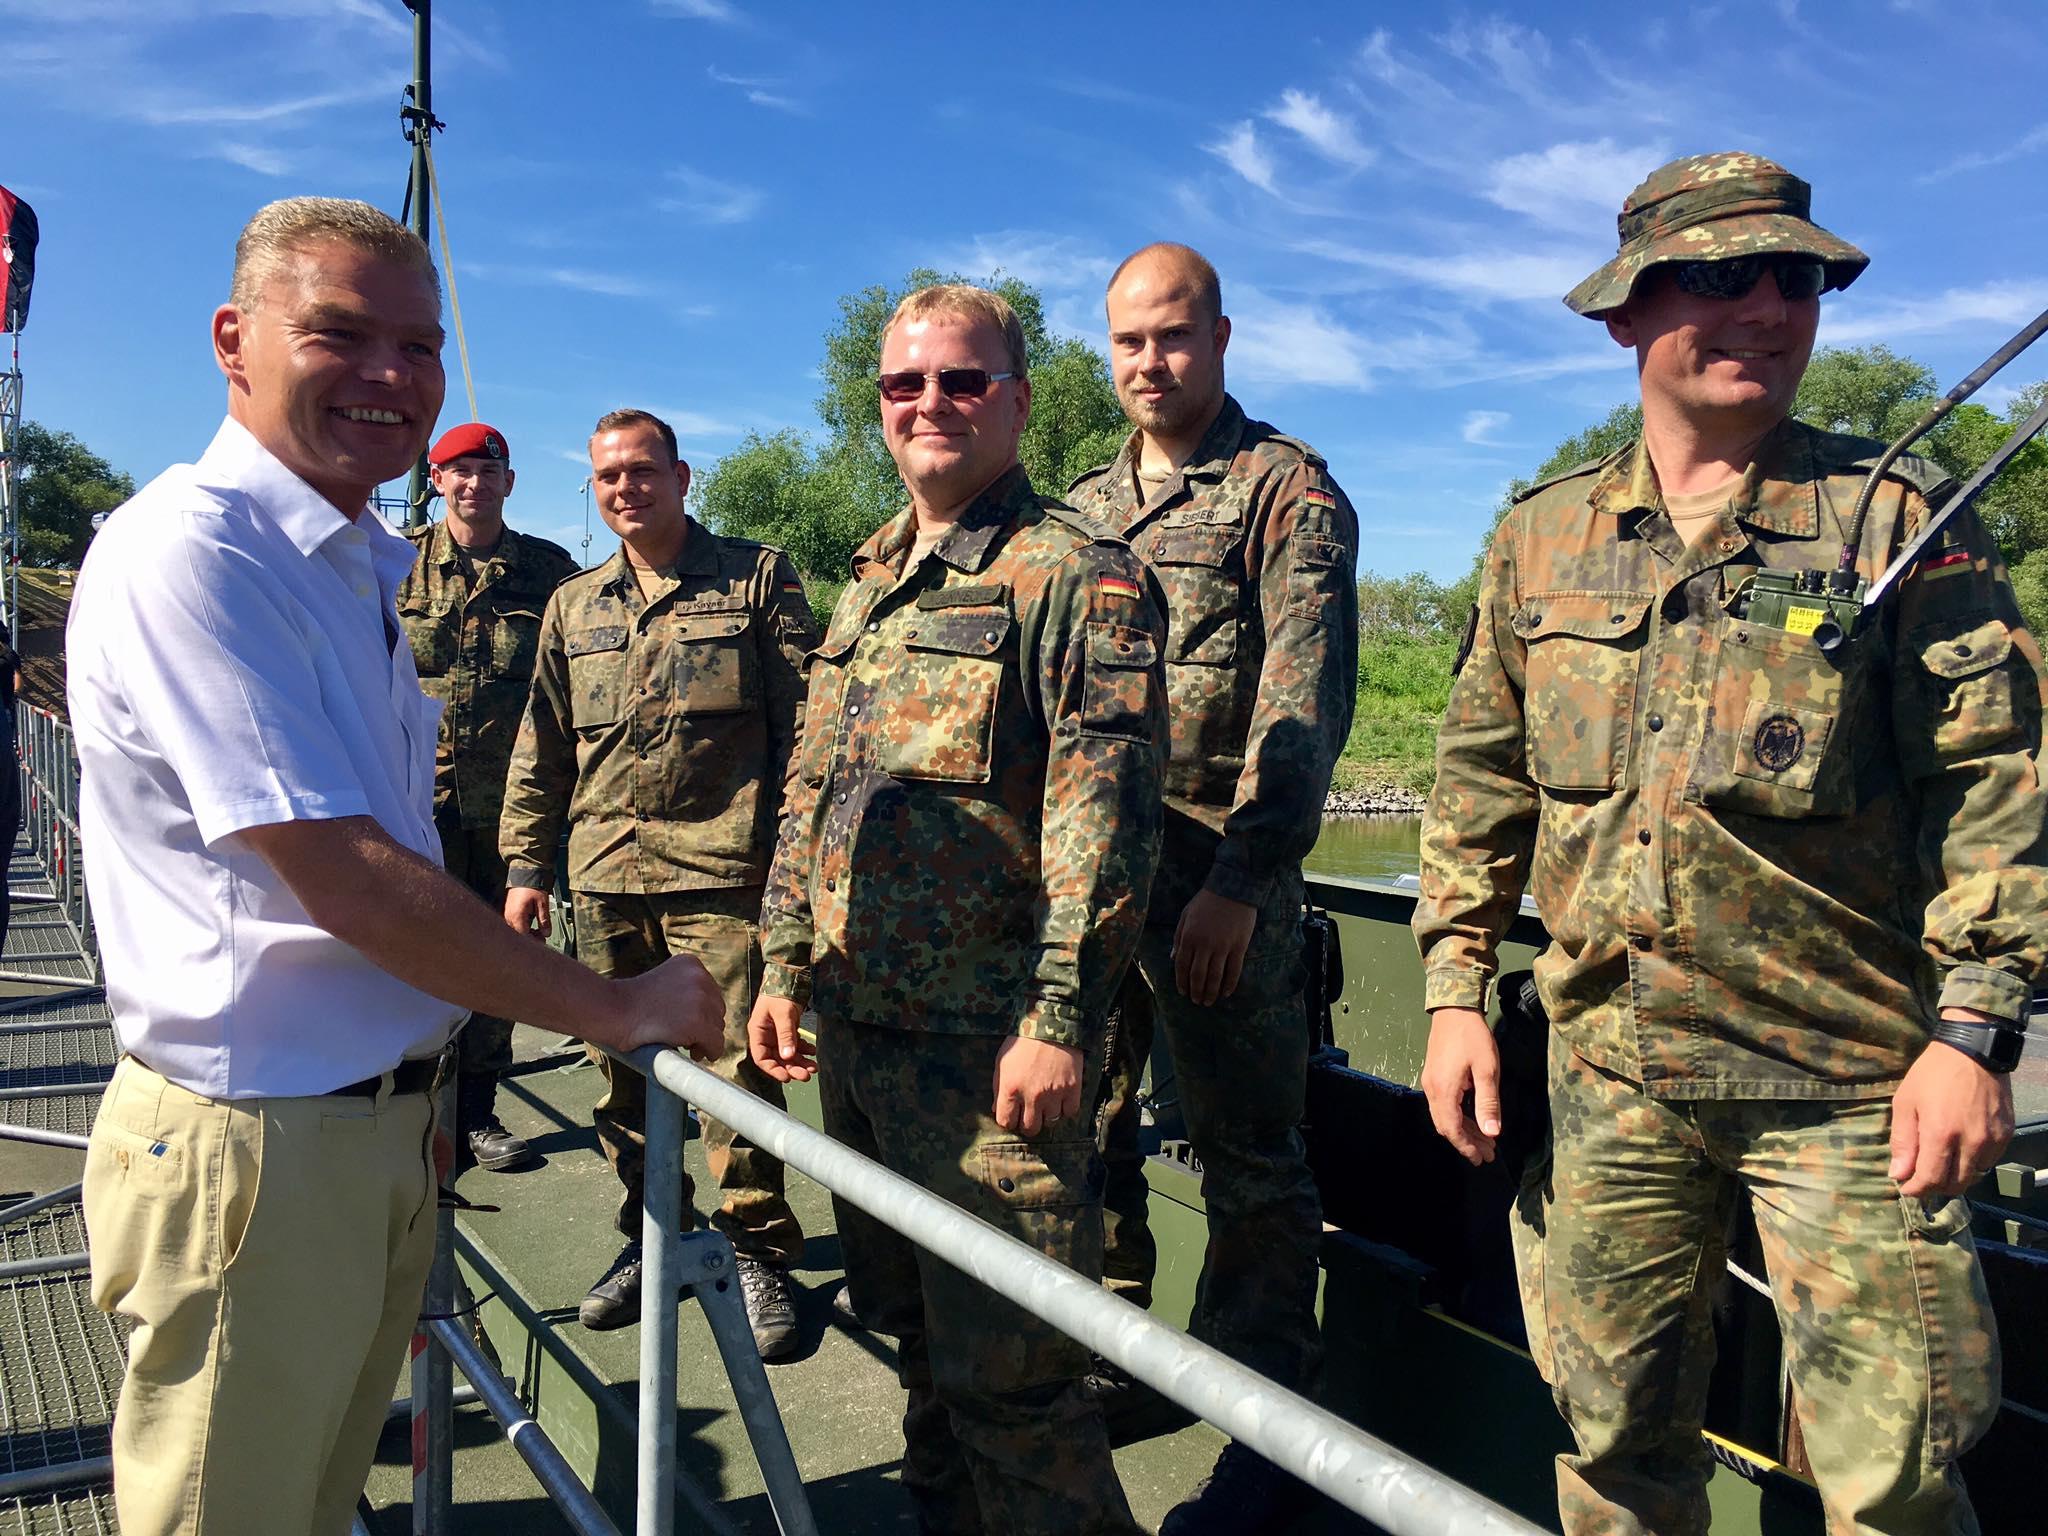 Danke auch an die Bundeswehr für die Unterstüzung.